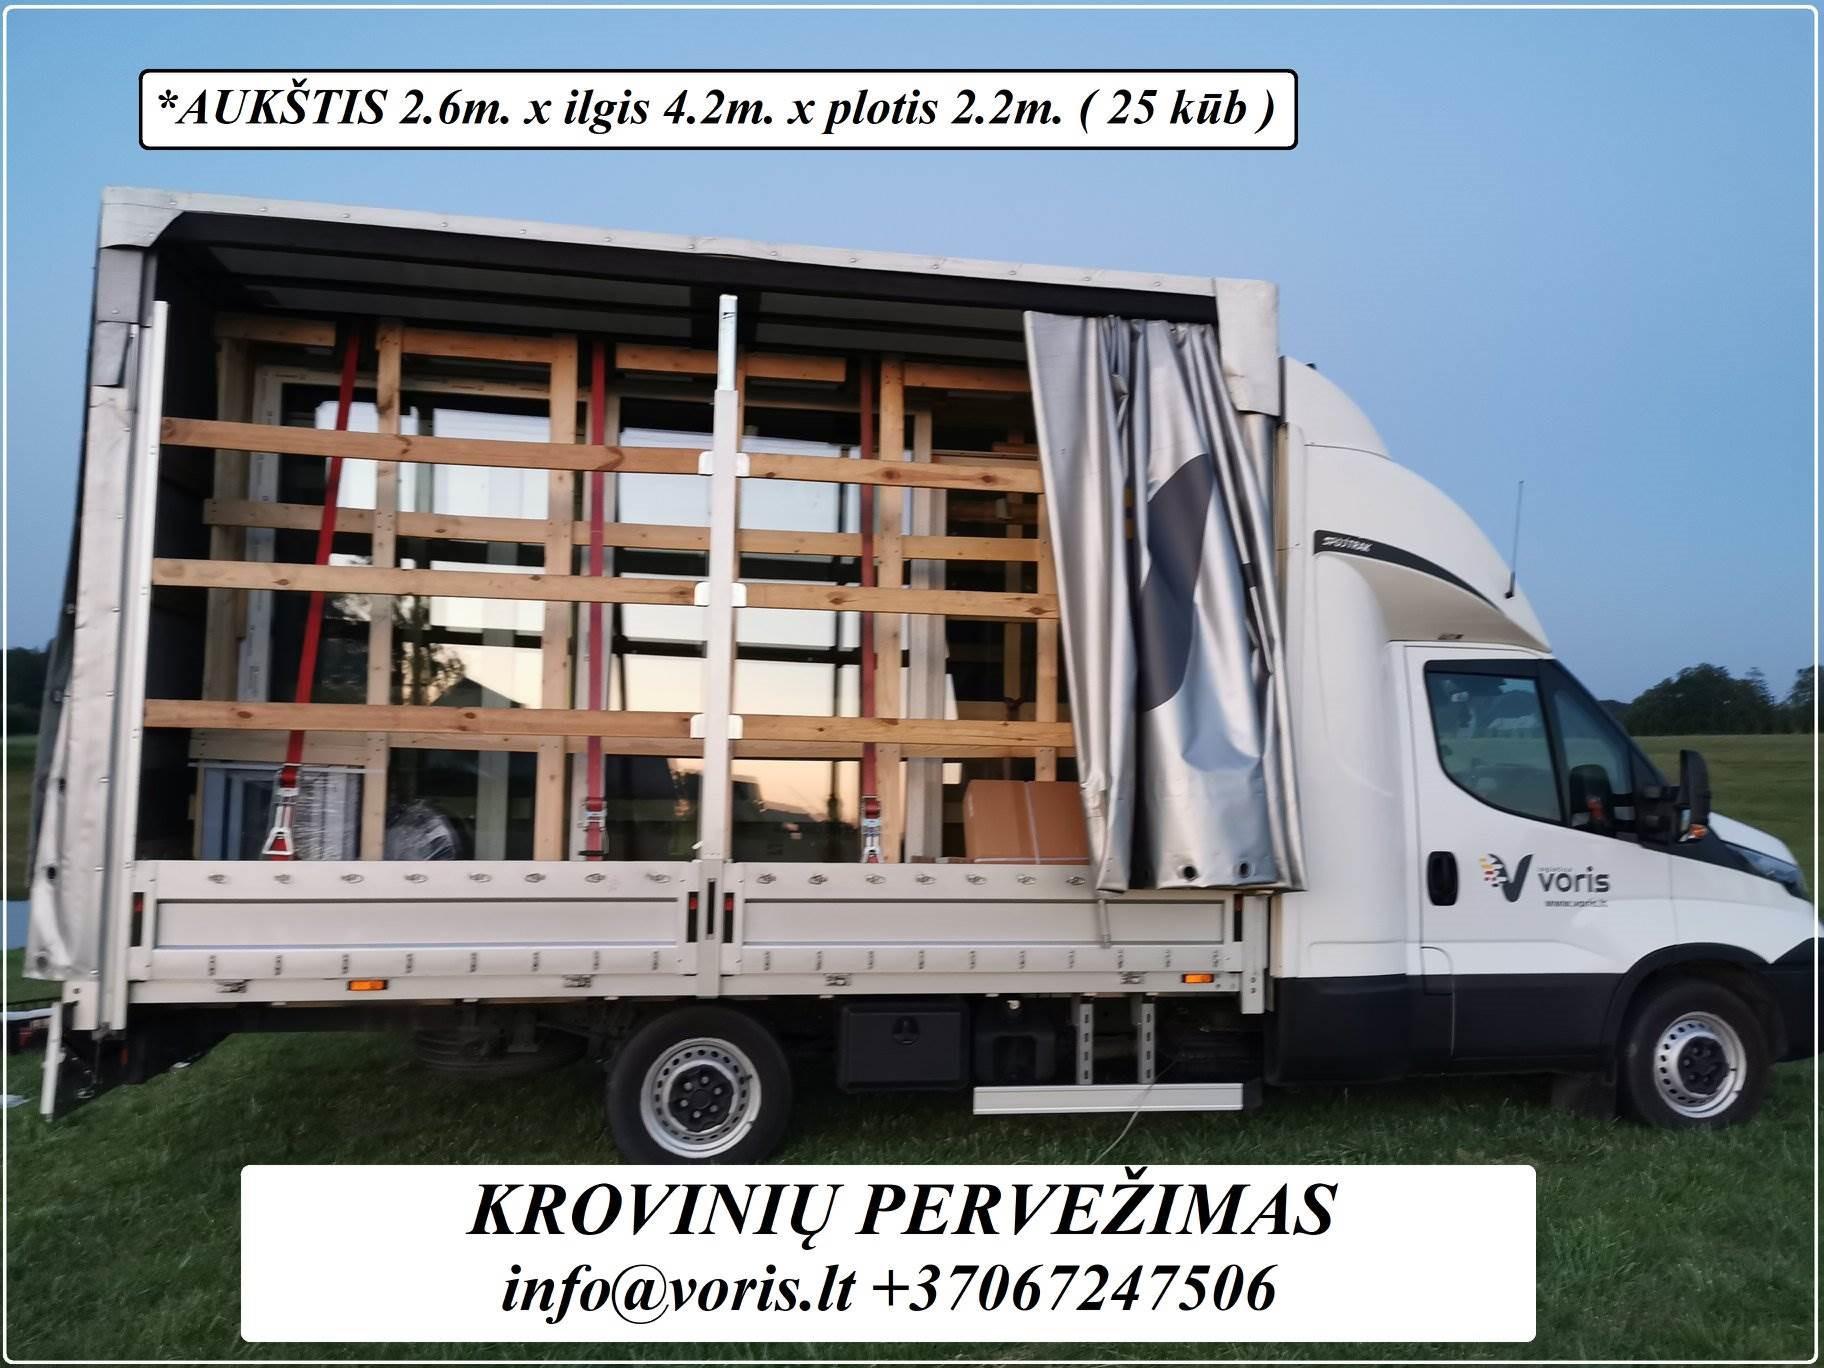 Langų, durų, turėklų  pervežimas iš Lietuvos į Europa ir atgal į Lietuvą. +37067247506 Ekspres pervežimai +37067247506 Baldų pervežimai LIETUVA/EUROPA